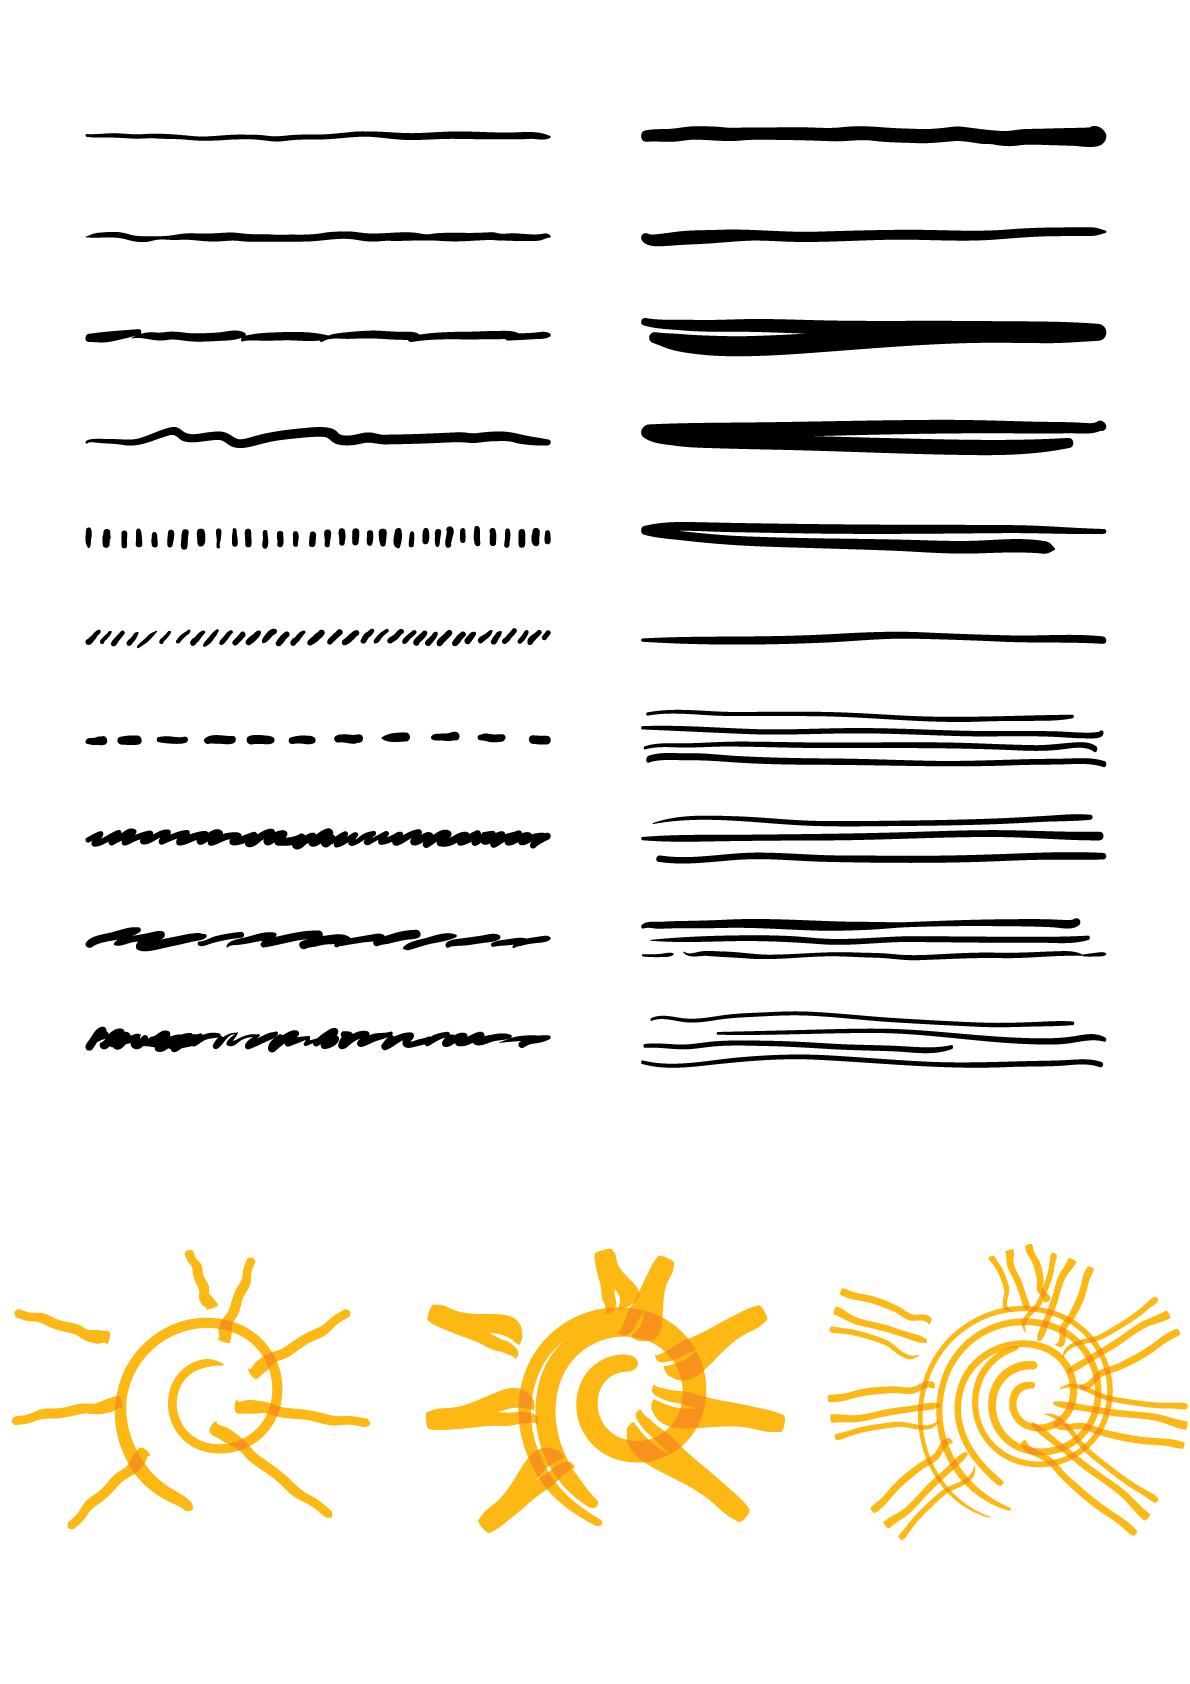 pinsel brushes fur illustrator zum download filzstift wasserfarben tutorial vektorgrafik erstellen elch vektor indesign